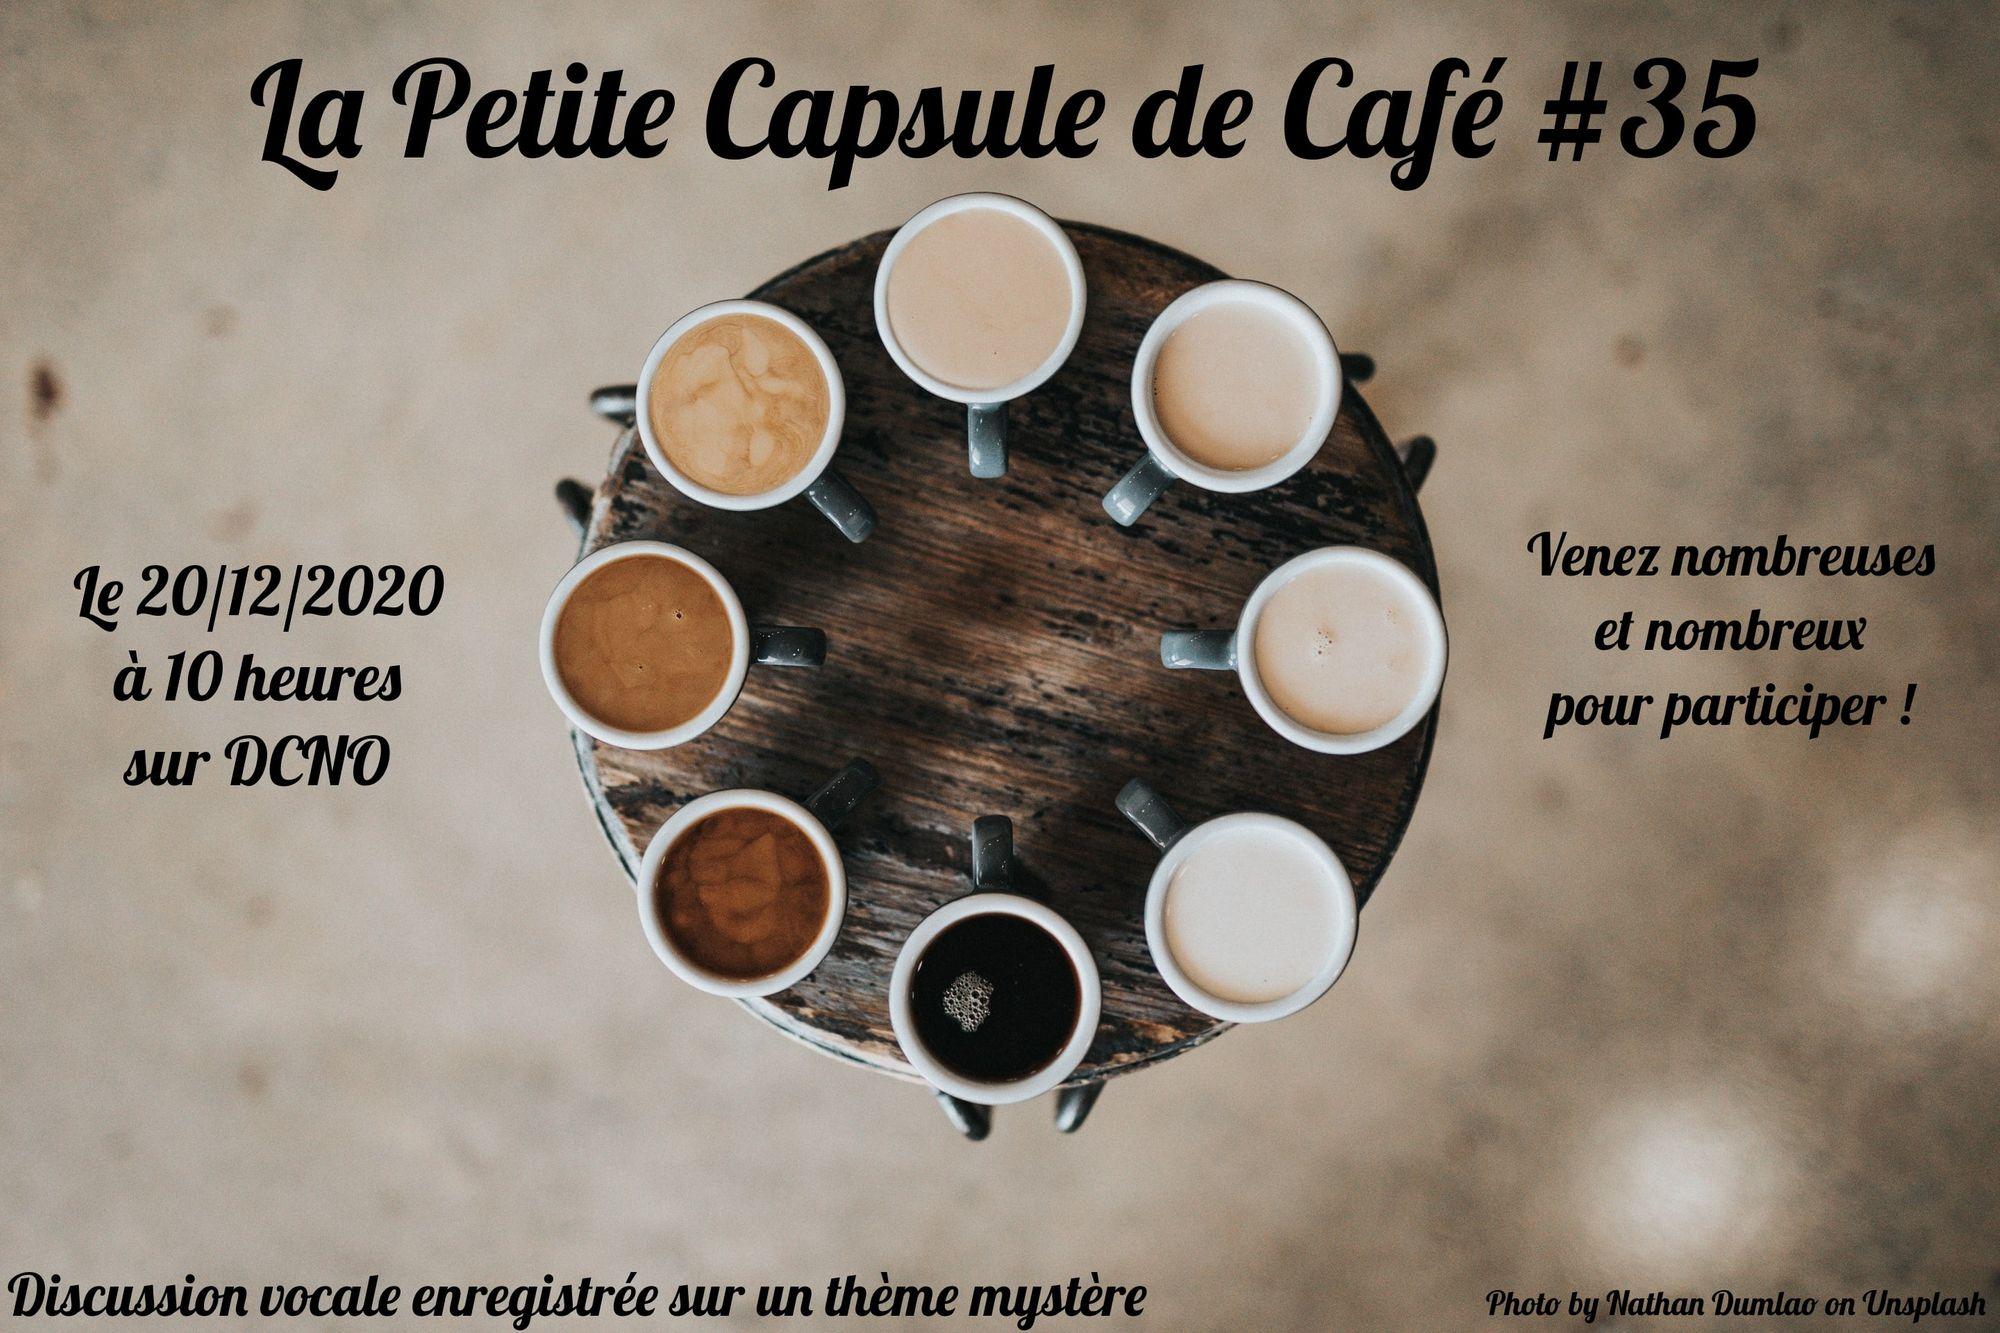 La Petite Capsule de Café #35 : L'expérience des joueurses